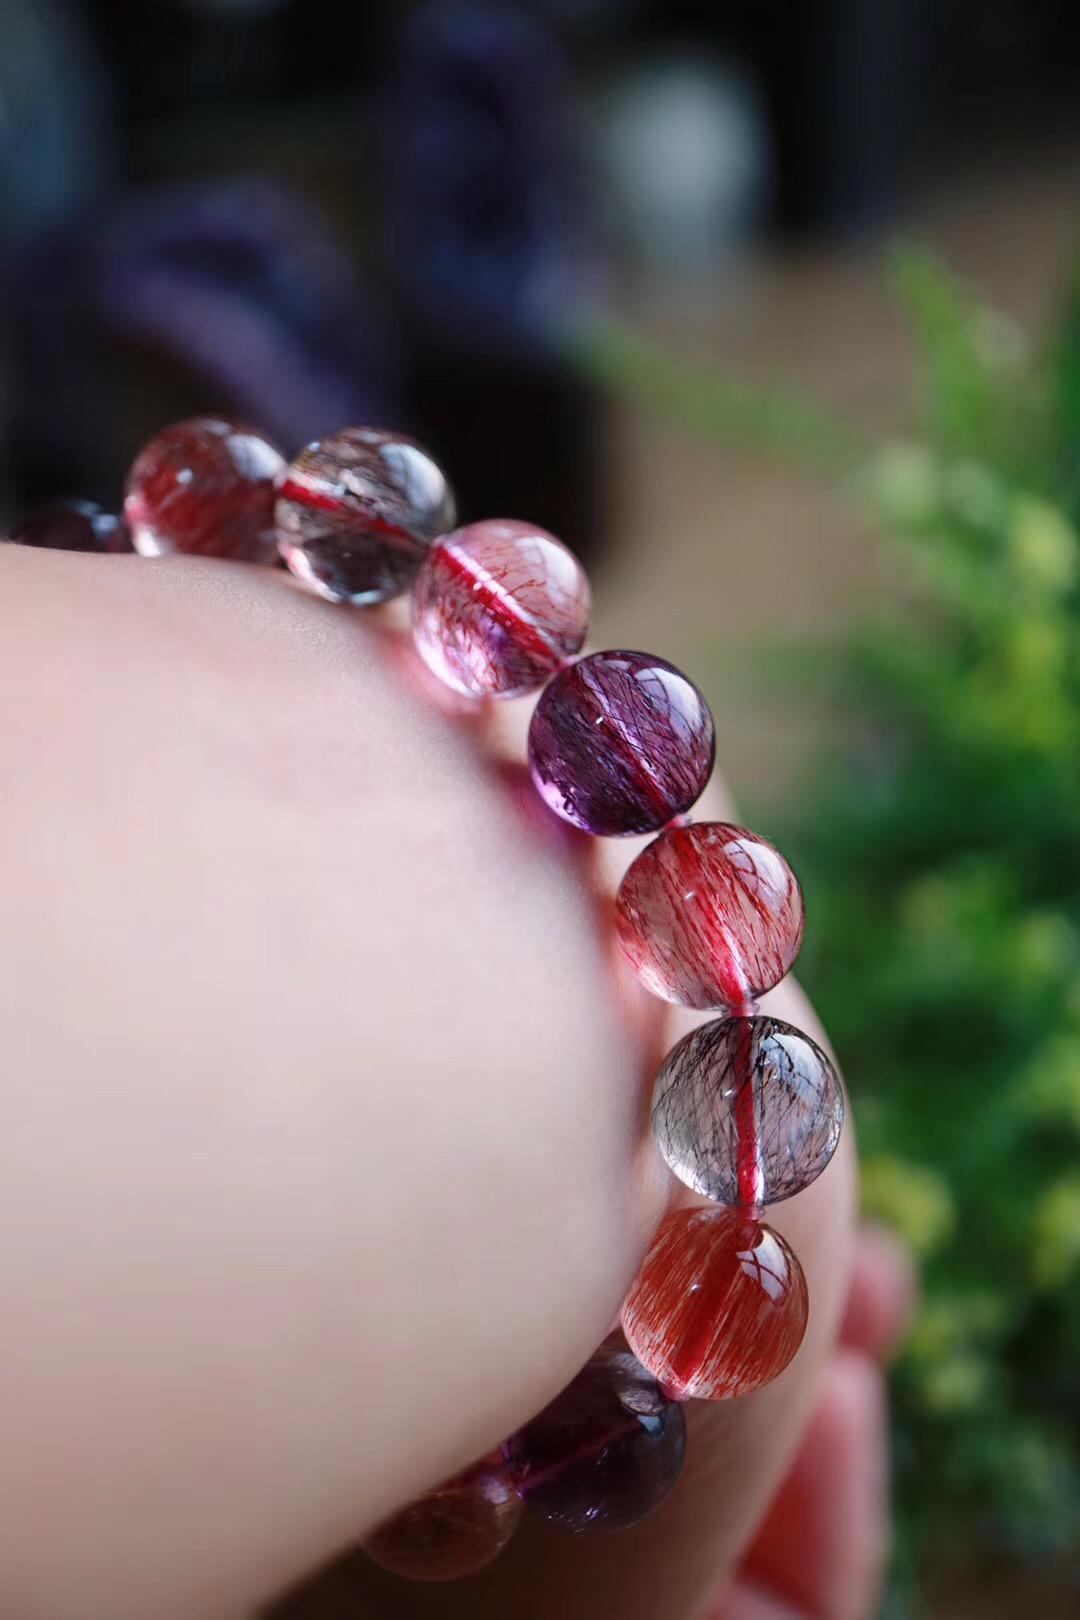 【超七紫发晶】 港台地区最受欢迎的晶石之一-菩心晶舍